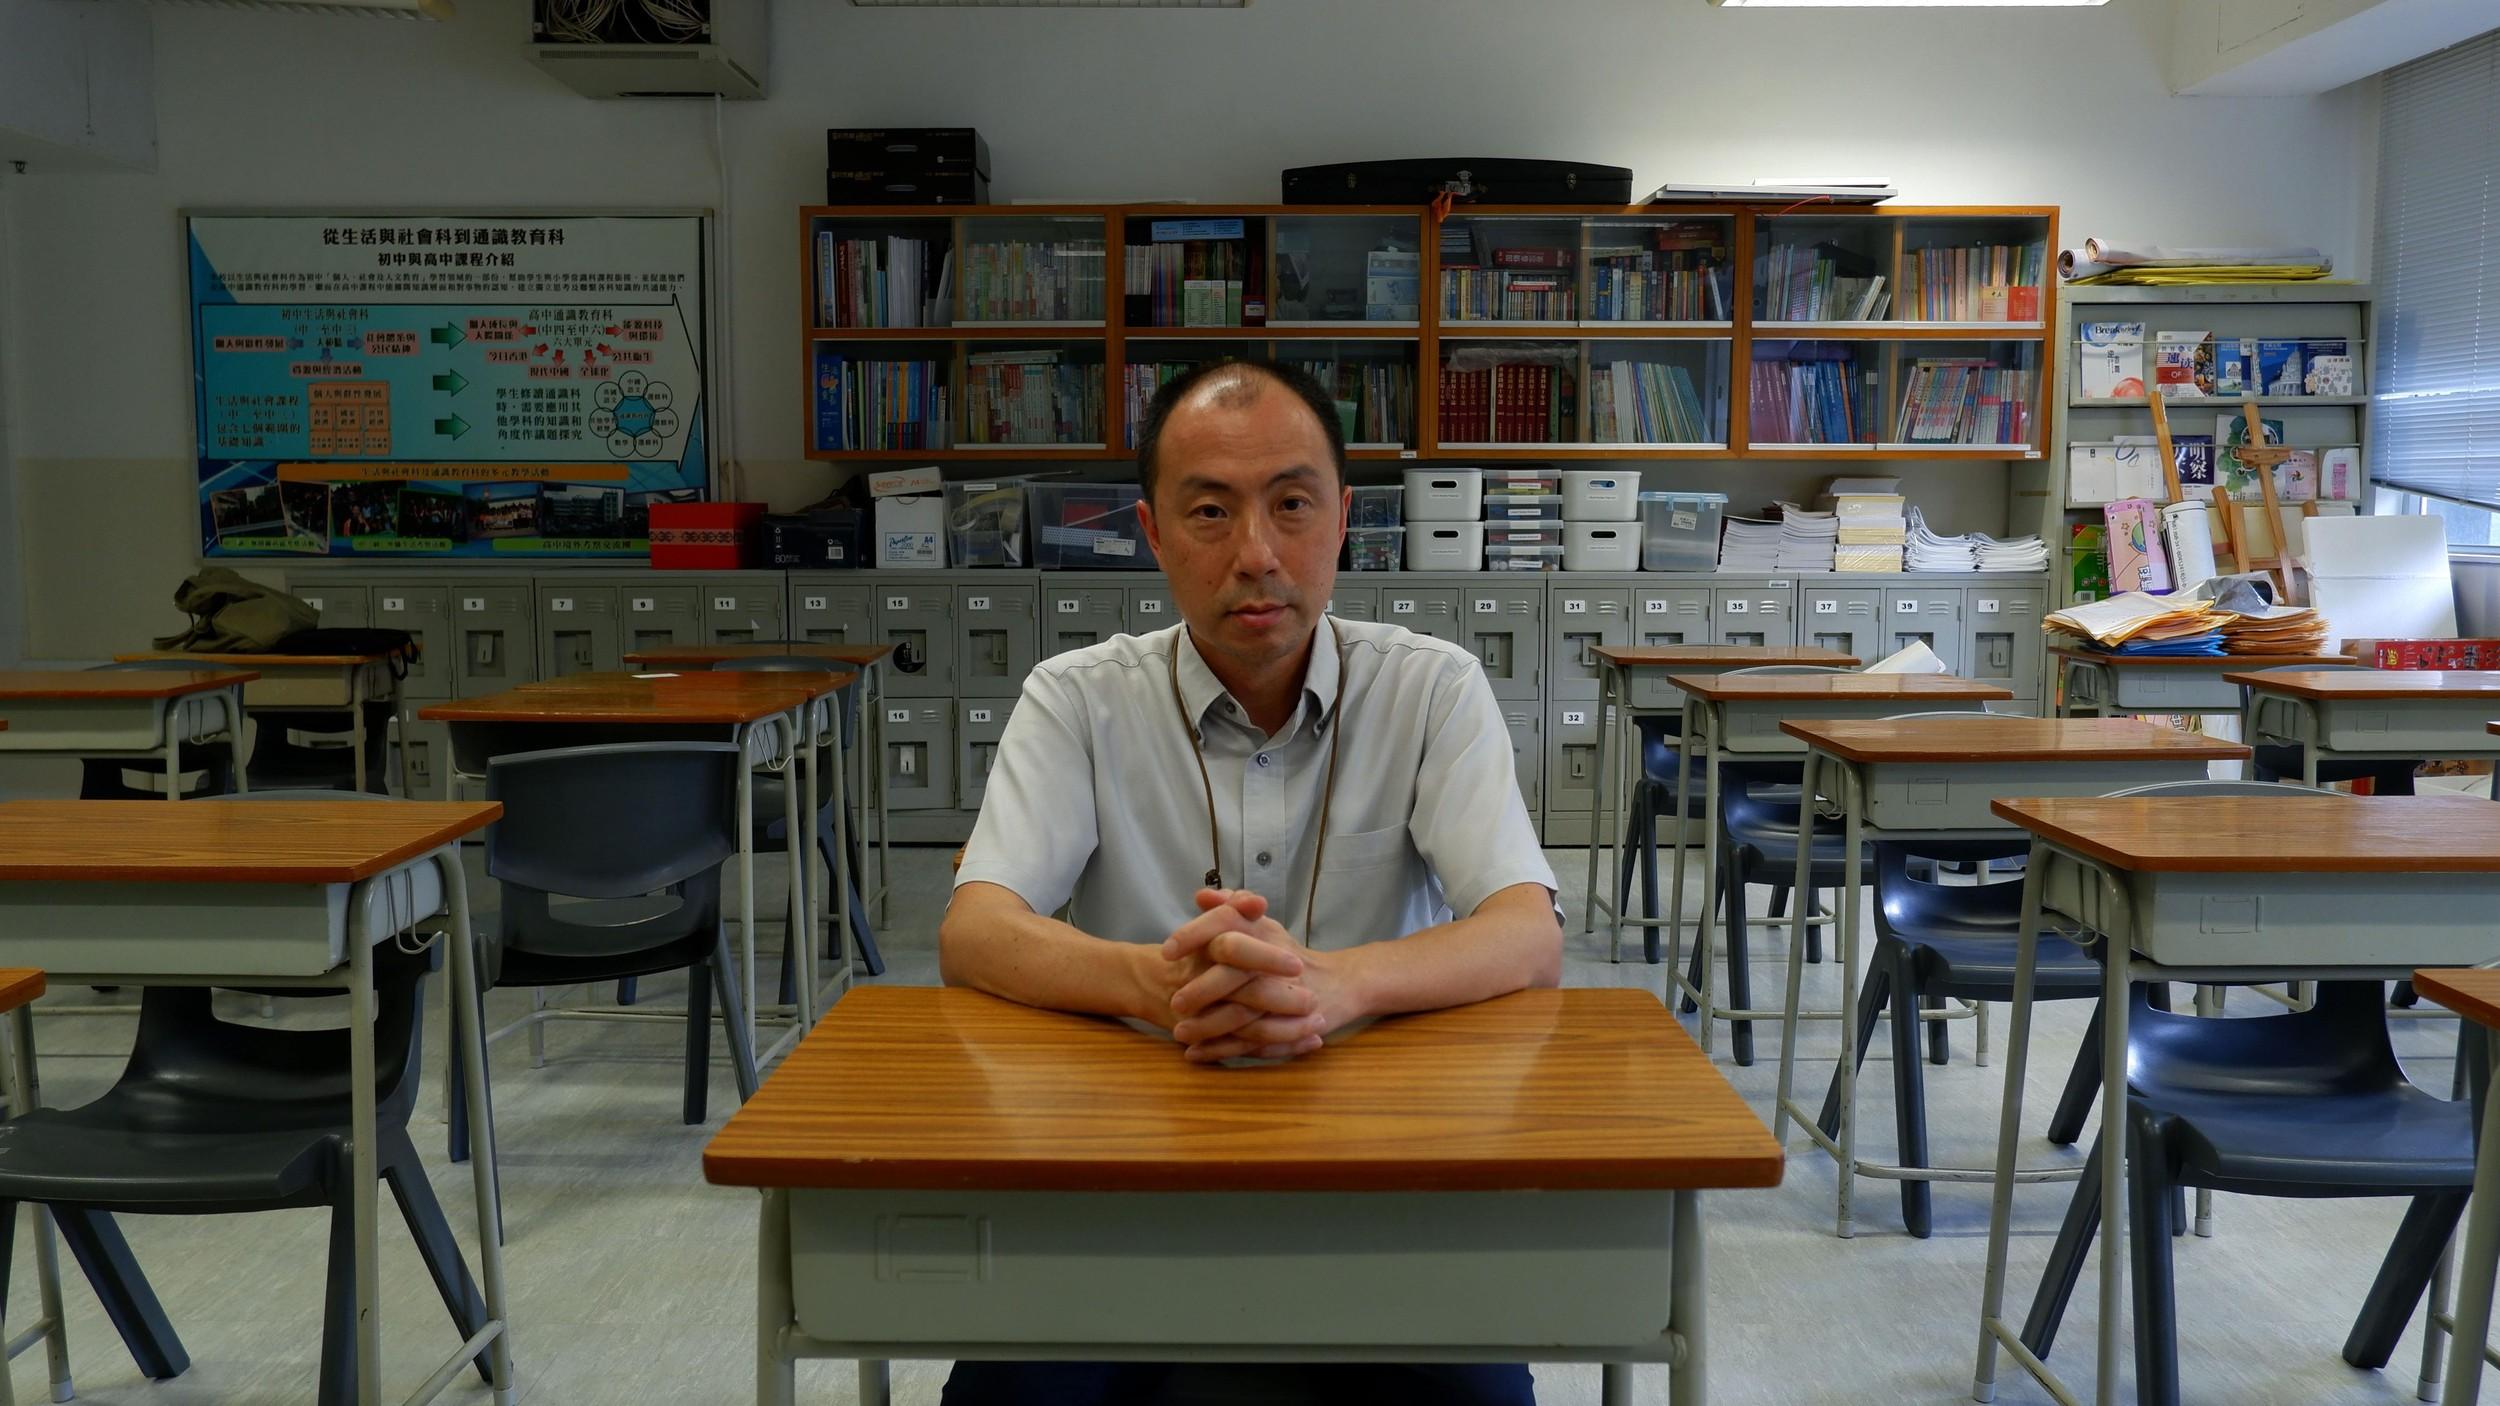 """图说:在香港书店""""中学补充教材""""架上的通识应试练习、参考书等(示意图,非经过审批的教科书)。(摄影/金蕊)"""